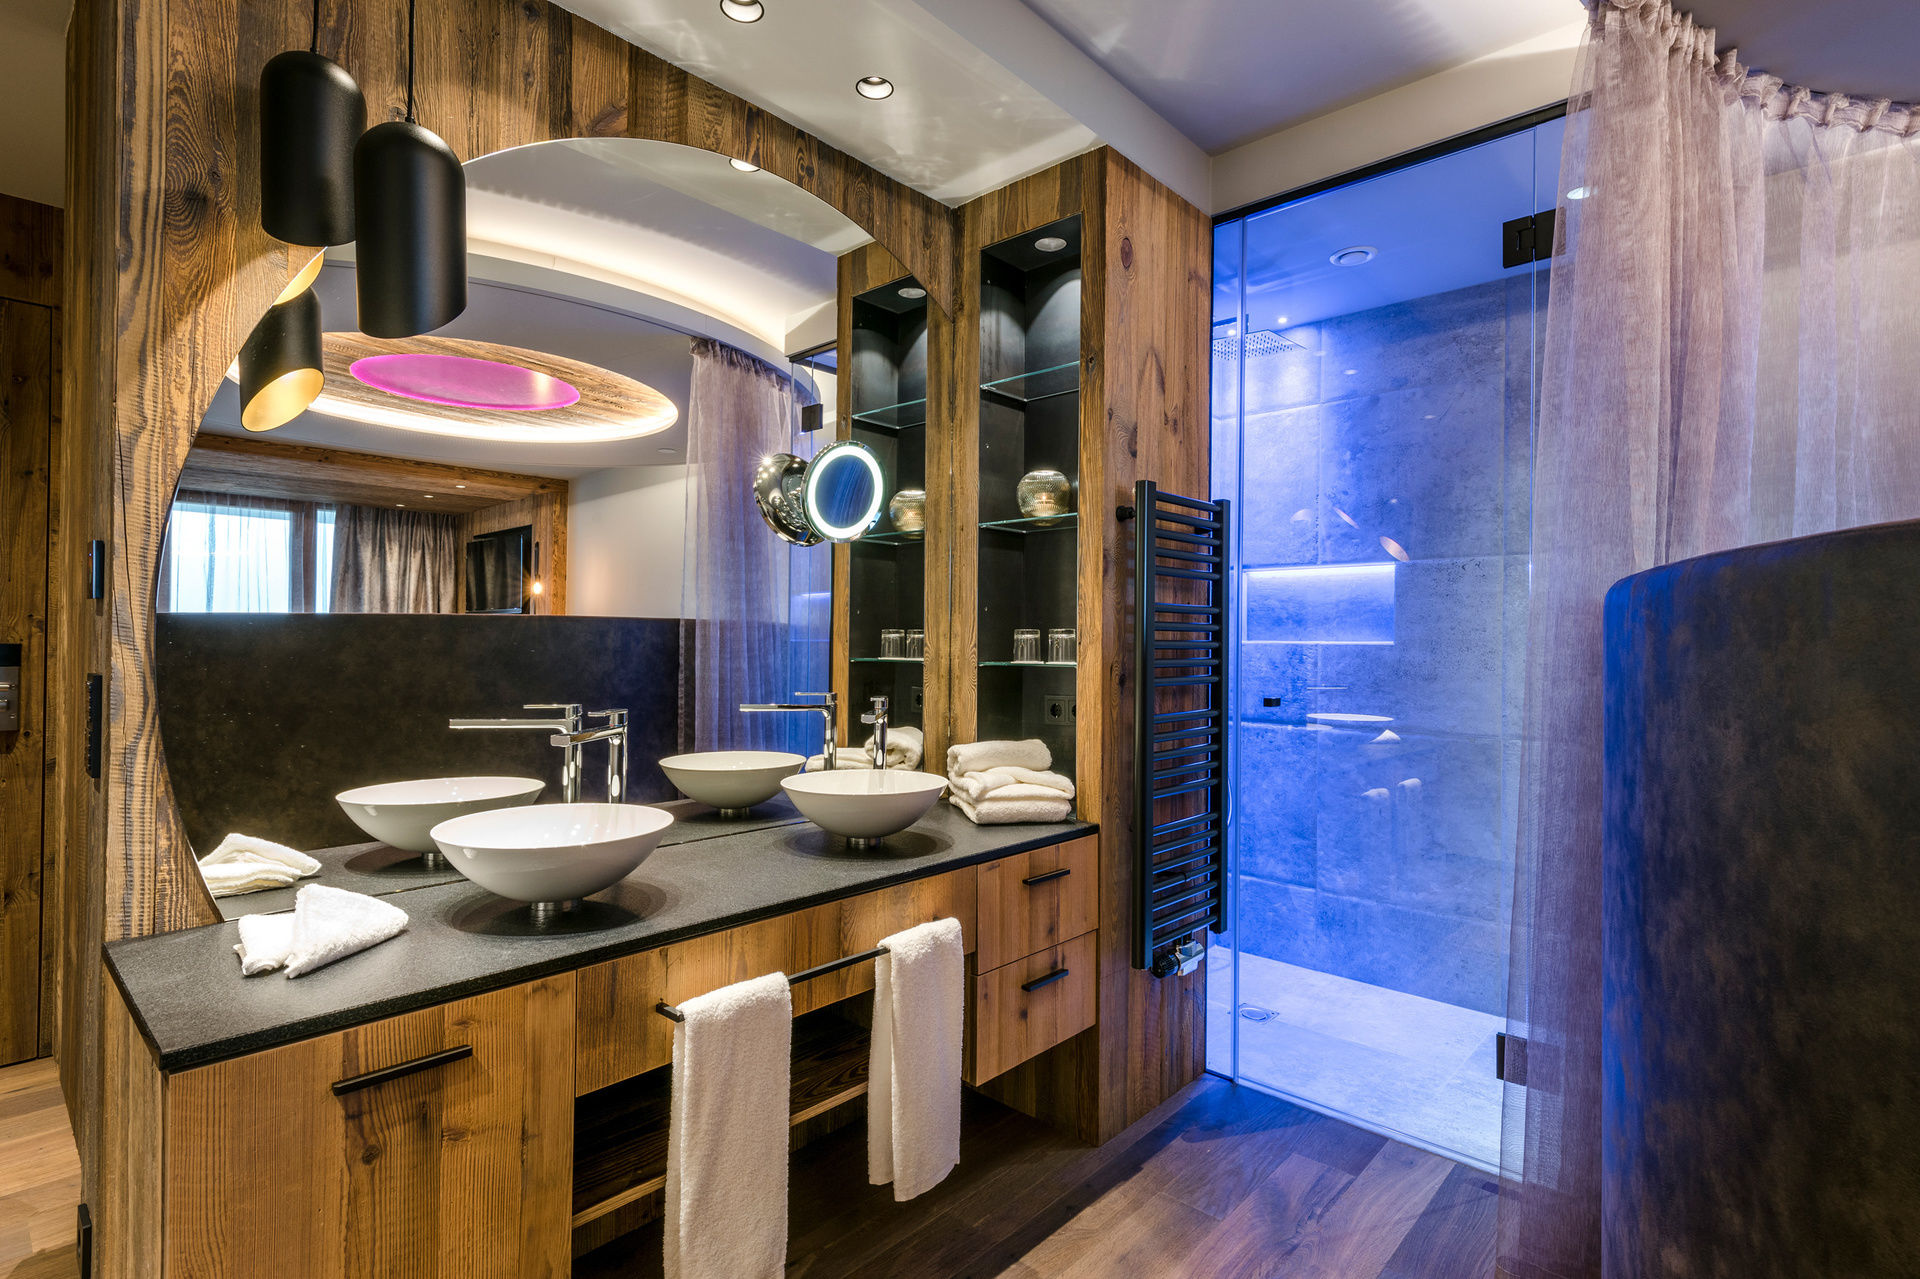 bayerischer wald wellnesshotel romantikurlaub im hotel mit whirlpool im zimmer bayern 4. Black Bedroom Furniture Sets. Home Design Ideas